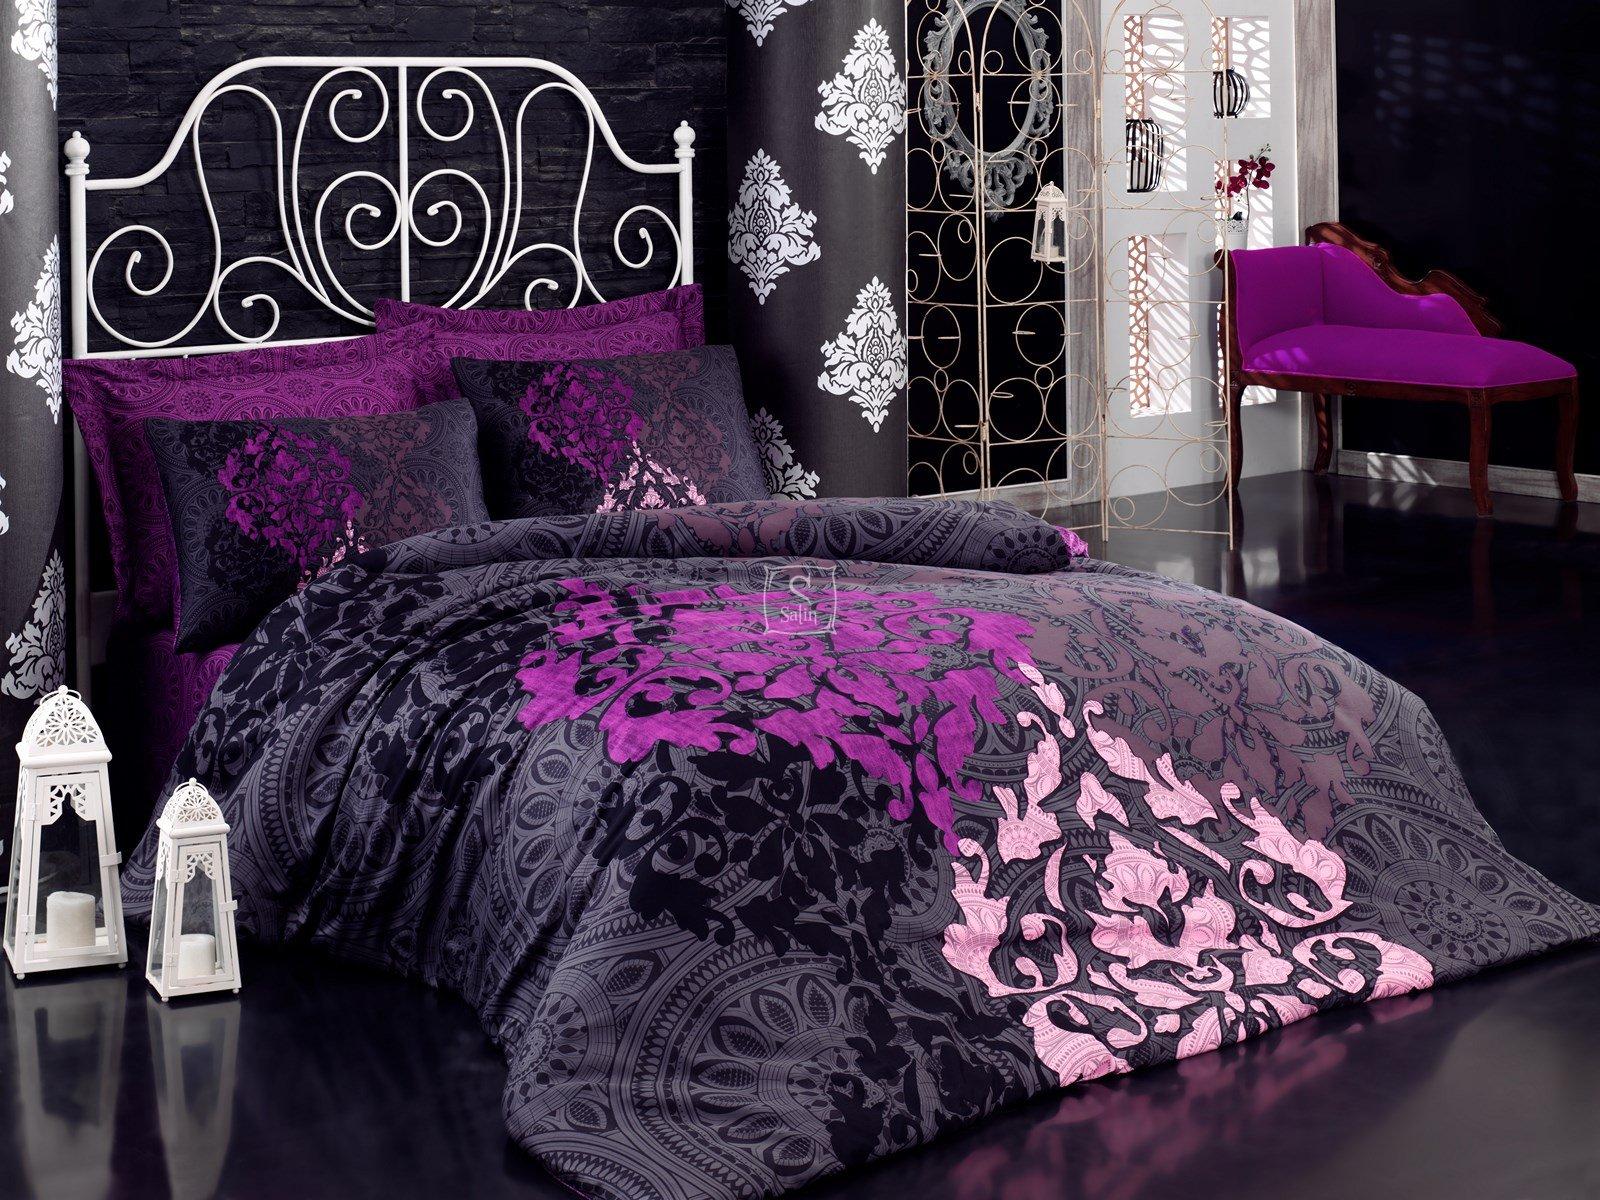 Выбор и покупка постельного белья высшего качества в интернет-магазине